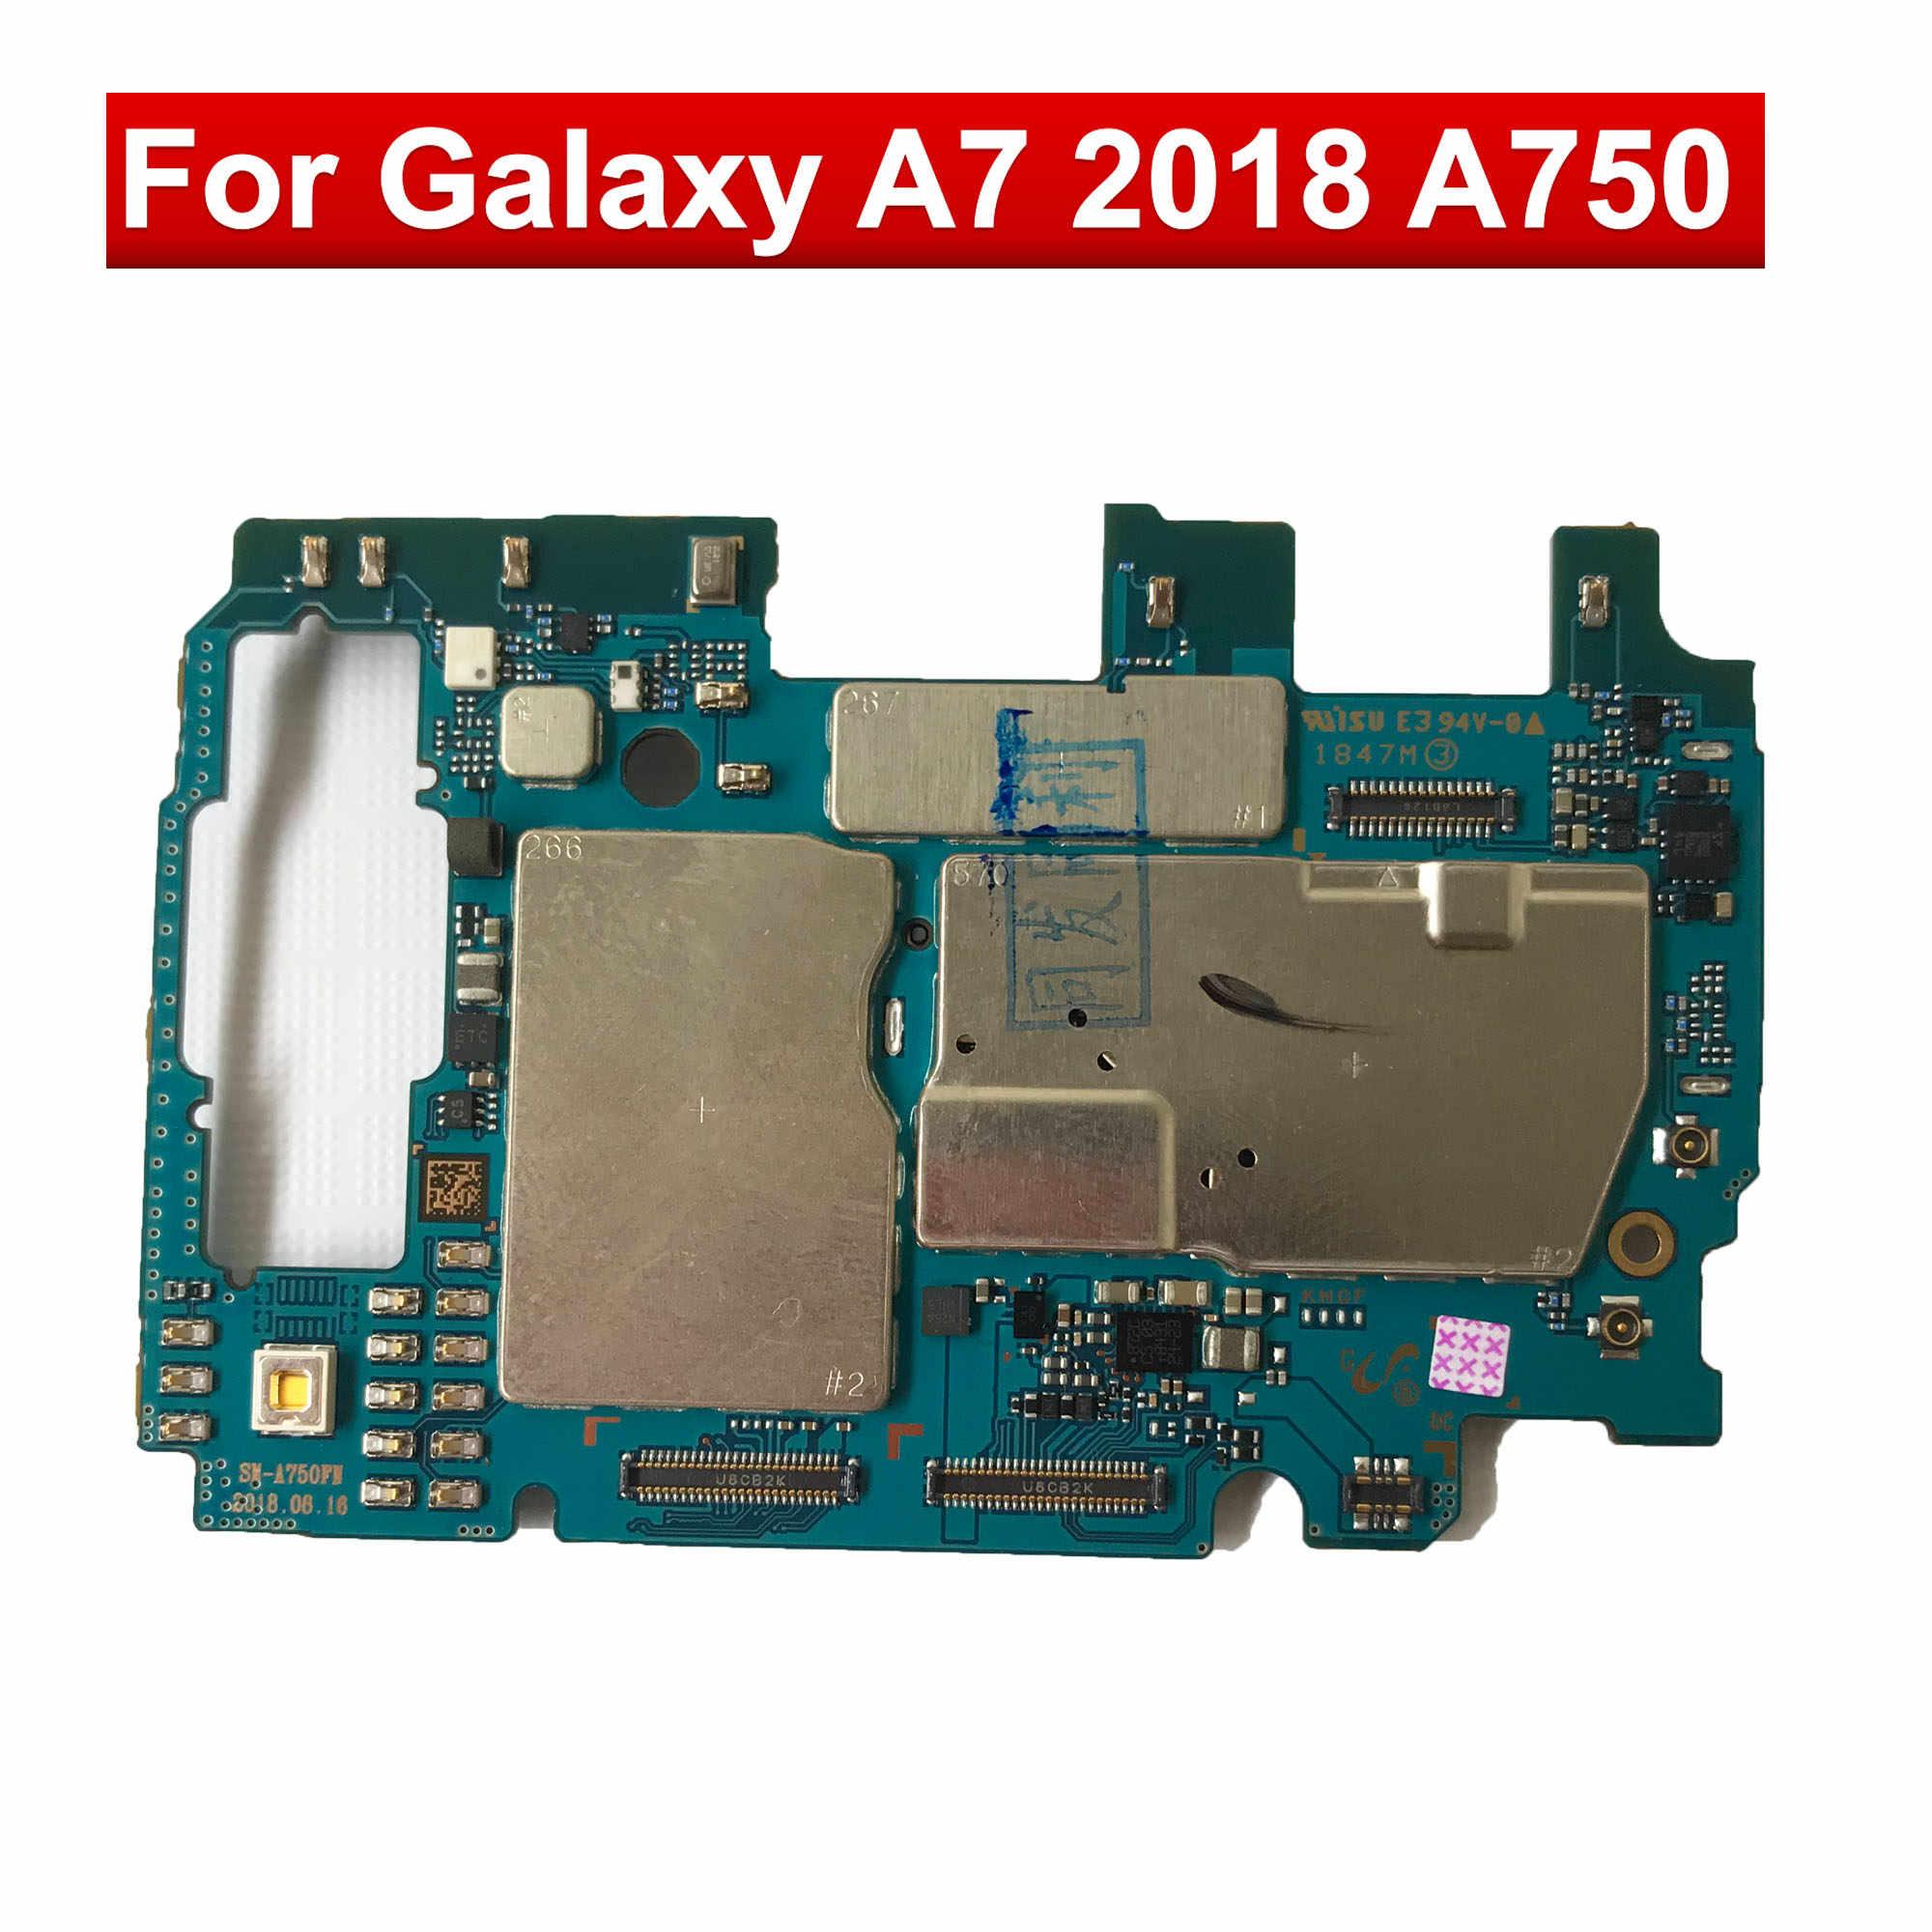 Placa-mãe original para samsung galaxy a7 2018 a750f 2 sim a750f/ds a750fn/ds a750gn/ds 64gb desbloqueado placas de lógica mainboard